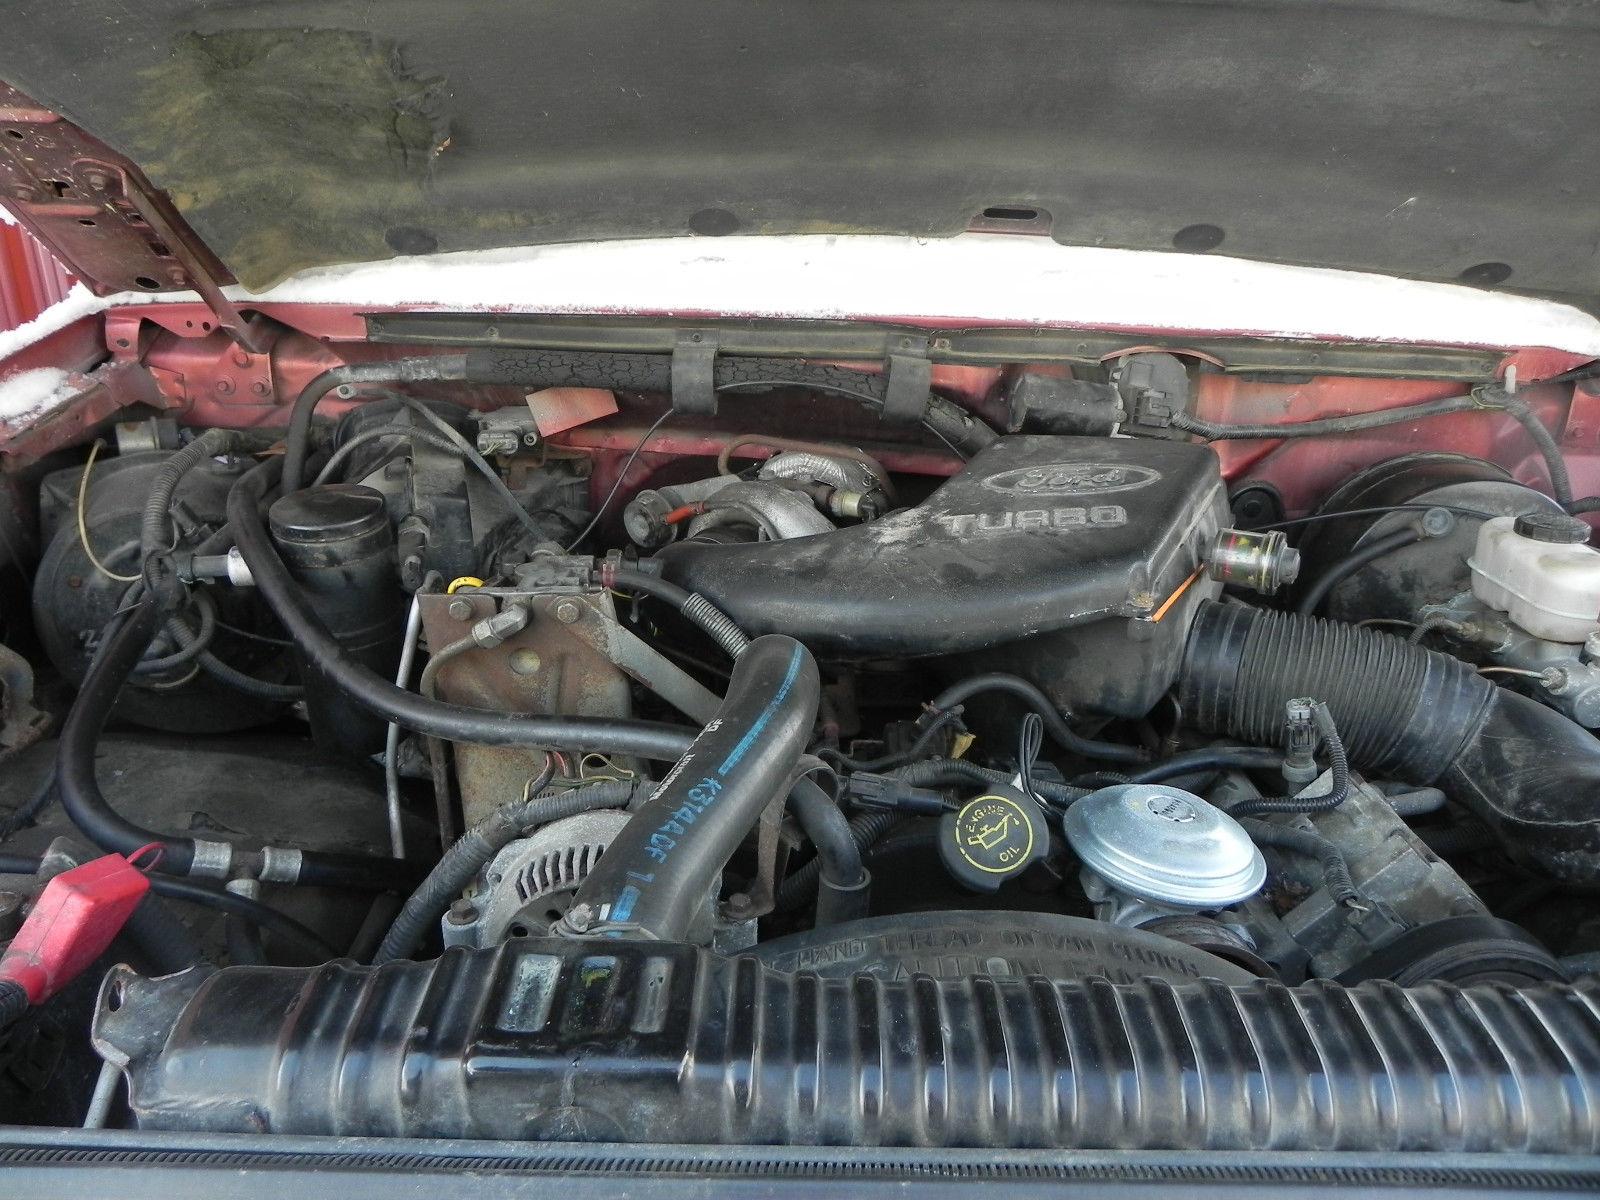 1994 Ford F250 7.3 IDI Turbo Diesel 4X4 auto, flatbed ...